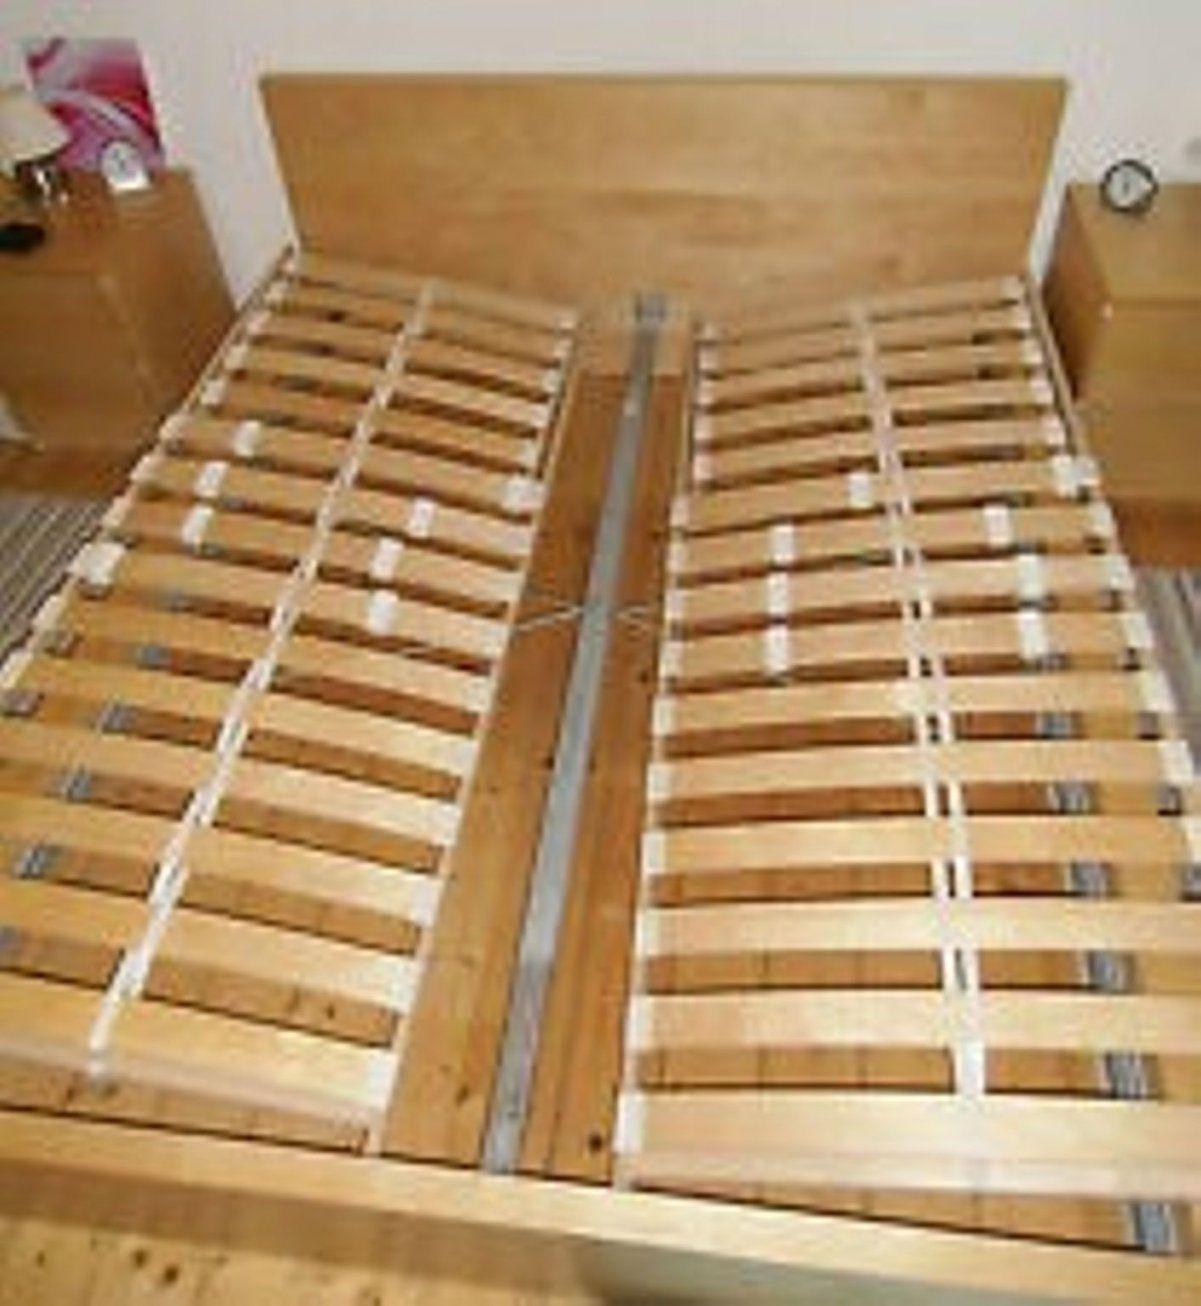 Gebraucht Ikea Malm Bett & Lattenrost Birke 140X200 Cm In 13088 von Ikea Lattenrost 140X200 Malm Bild